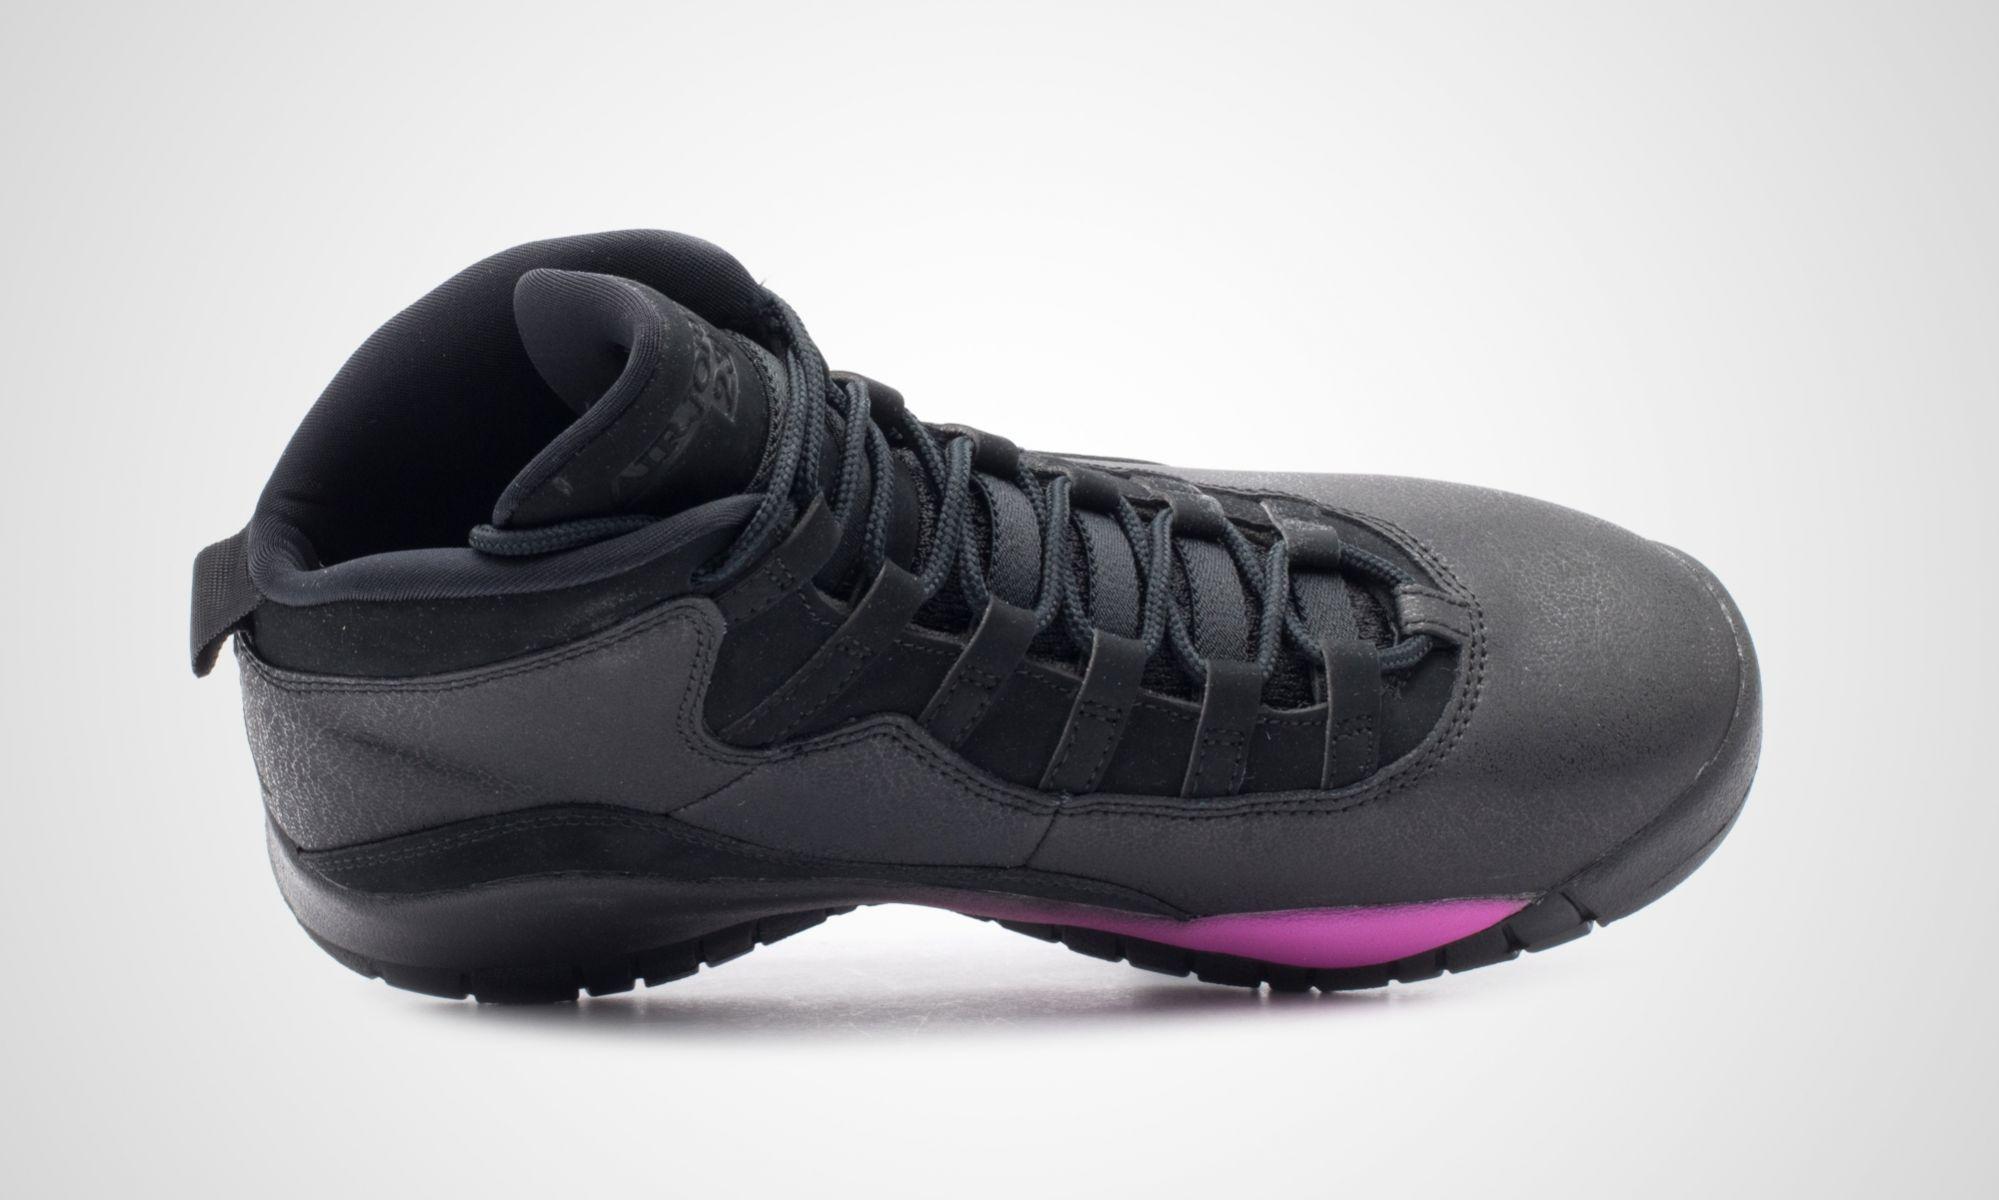 new product f1591 818b3 Air Jordan 10 GS Fuchsia Blast • KicksOnFire.com